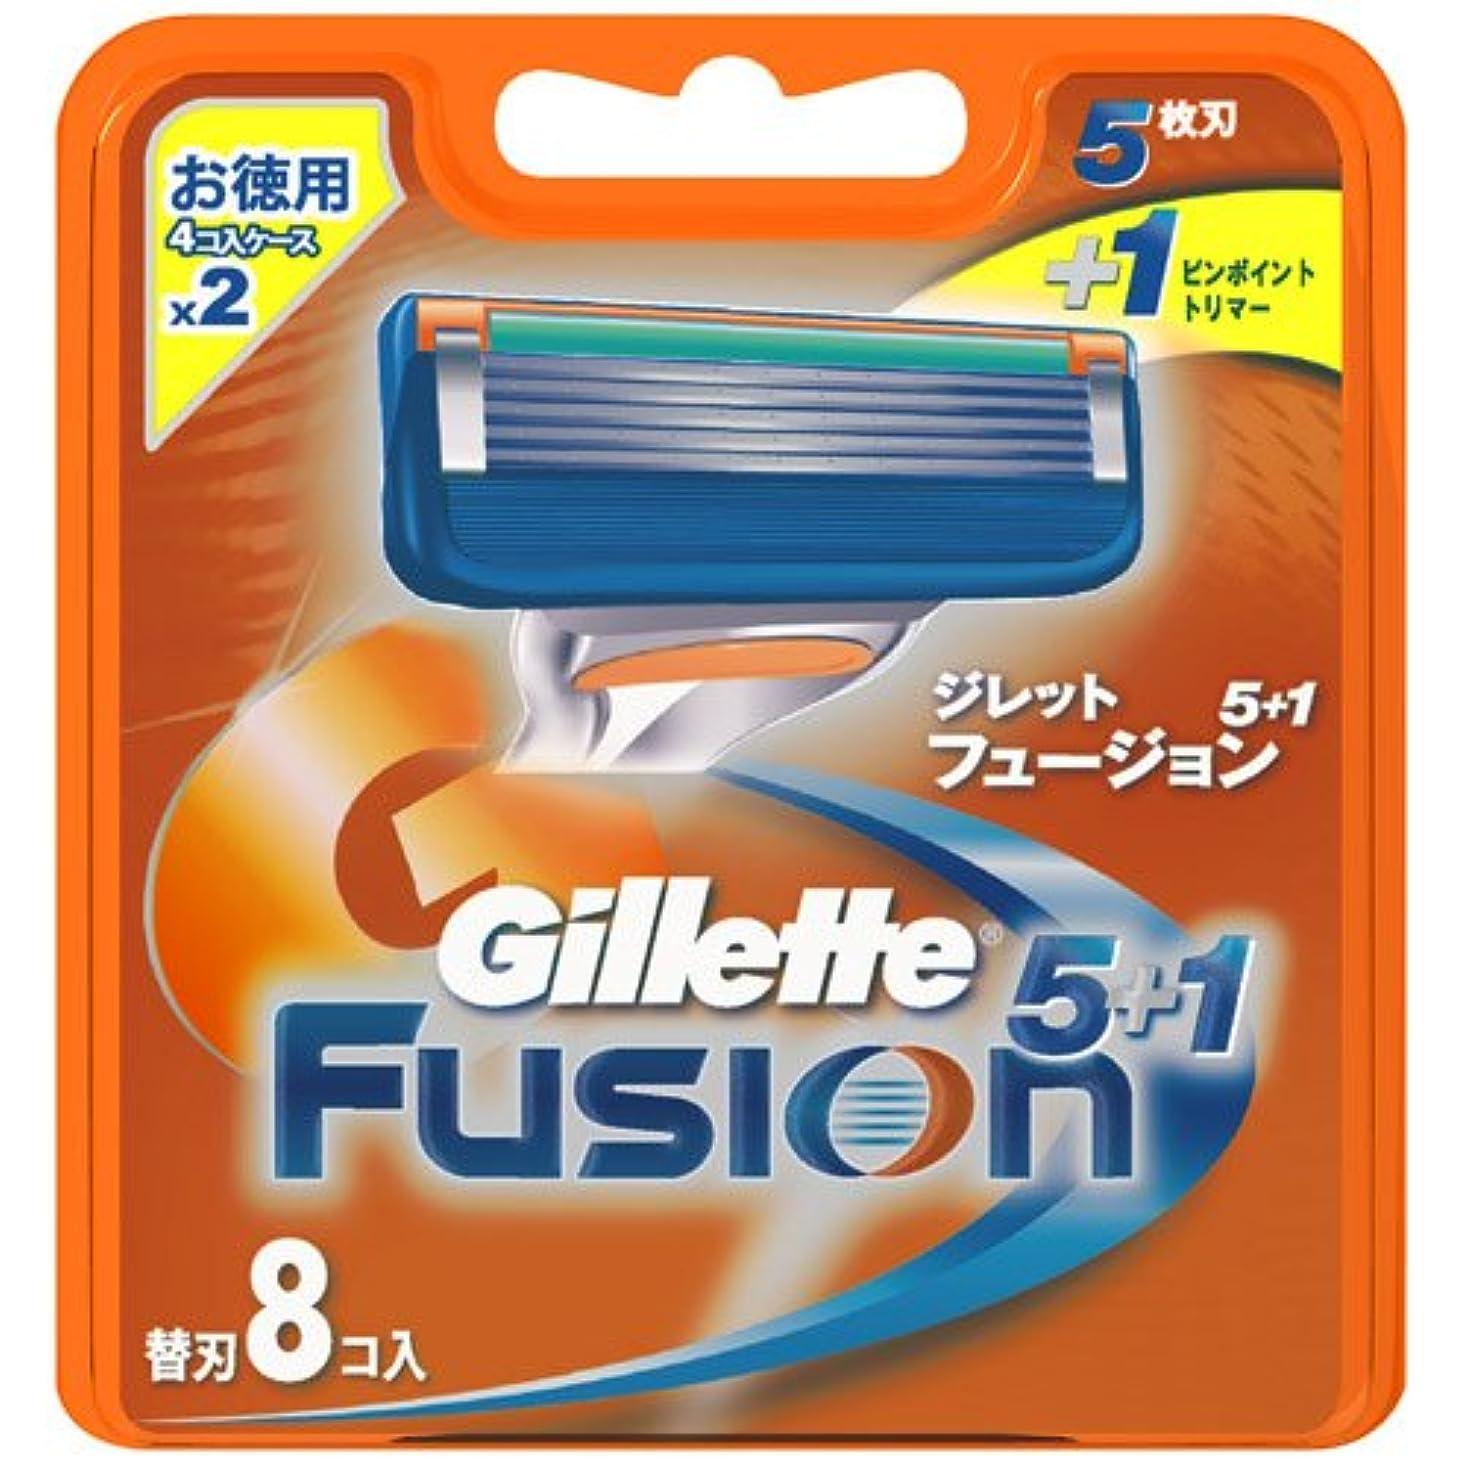 フリルブラウズ世代ジレット フュージョン5+1 専用替刃 8B